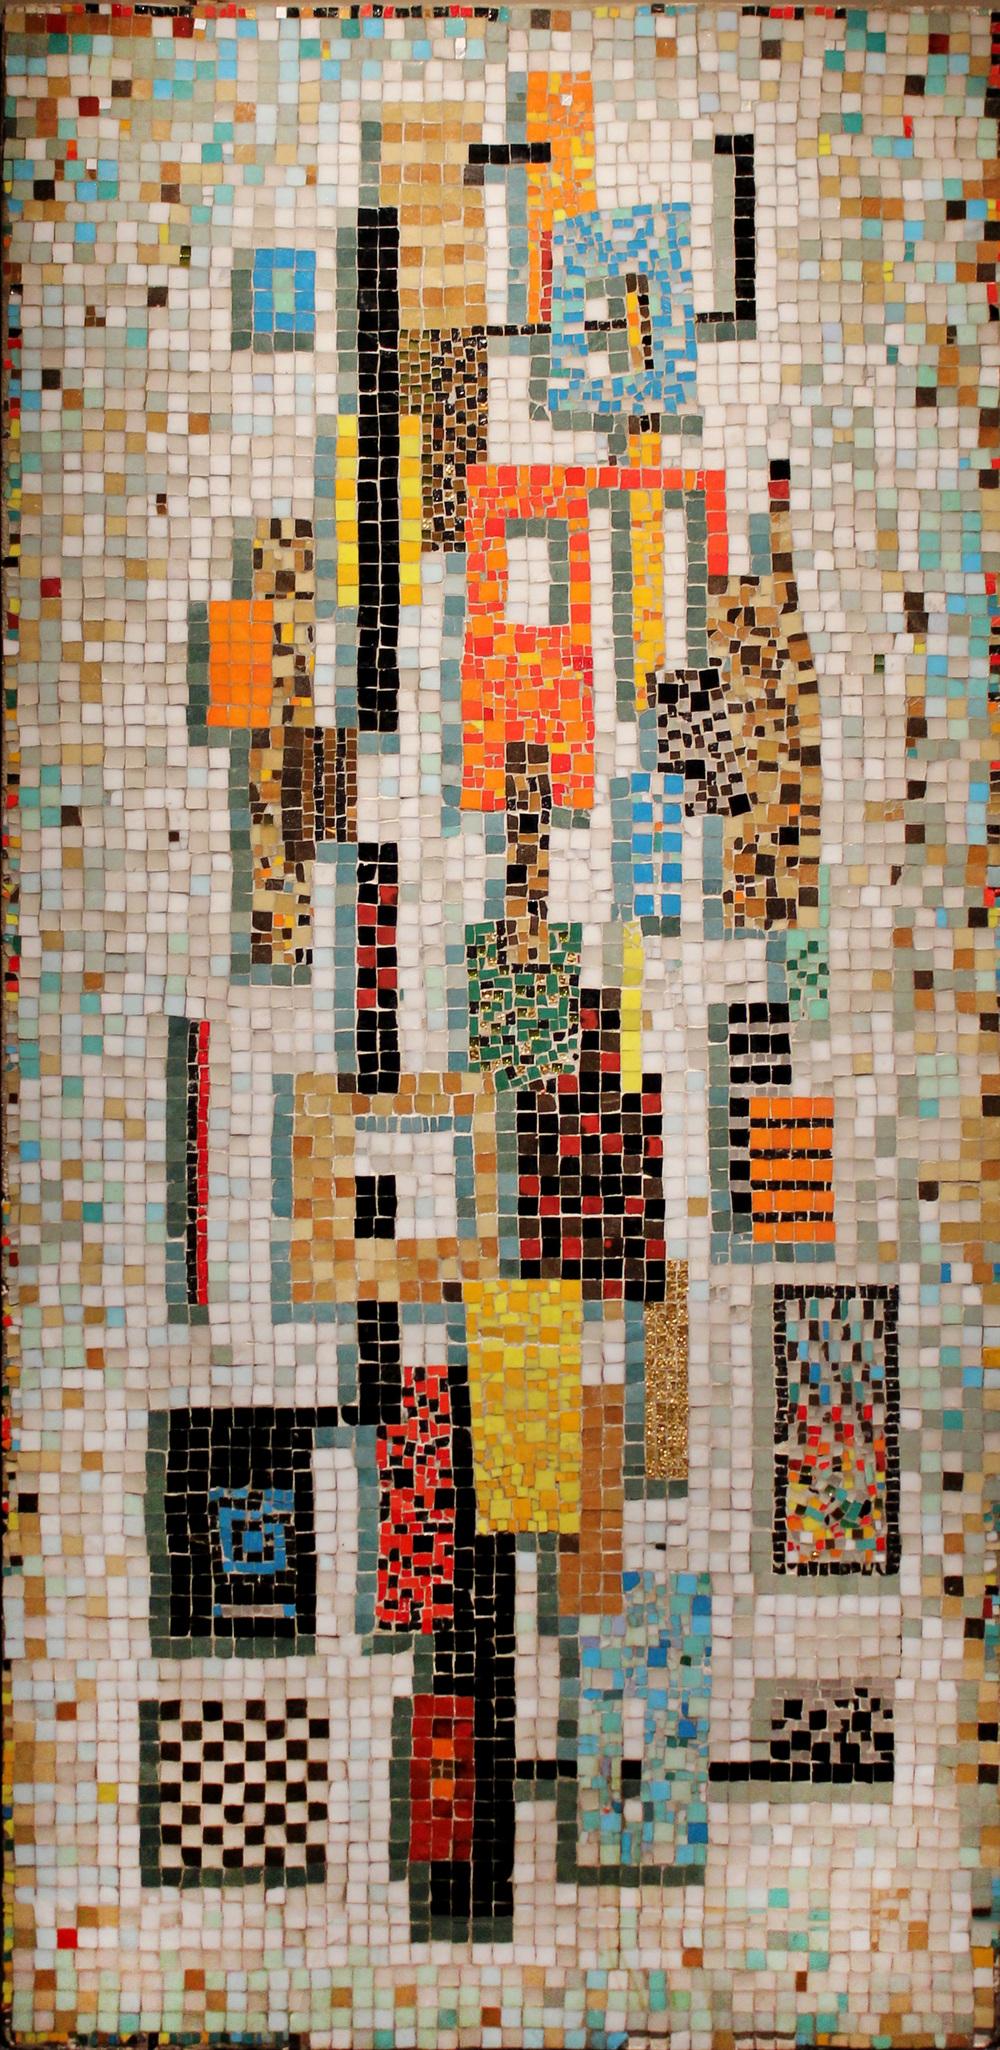 Frary_mosaic.jpg